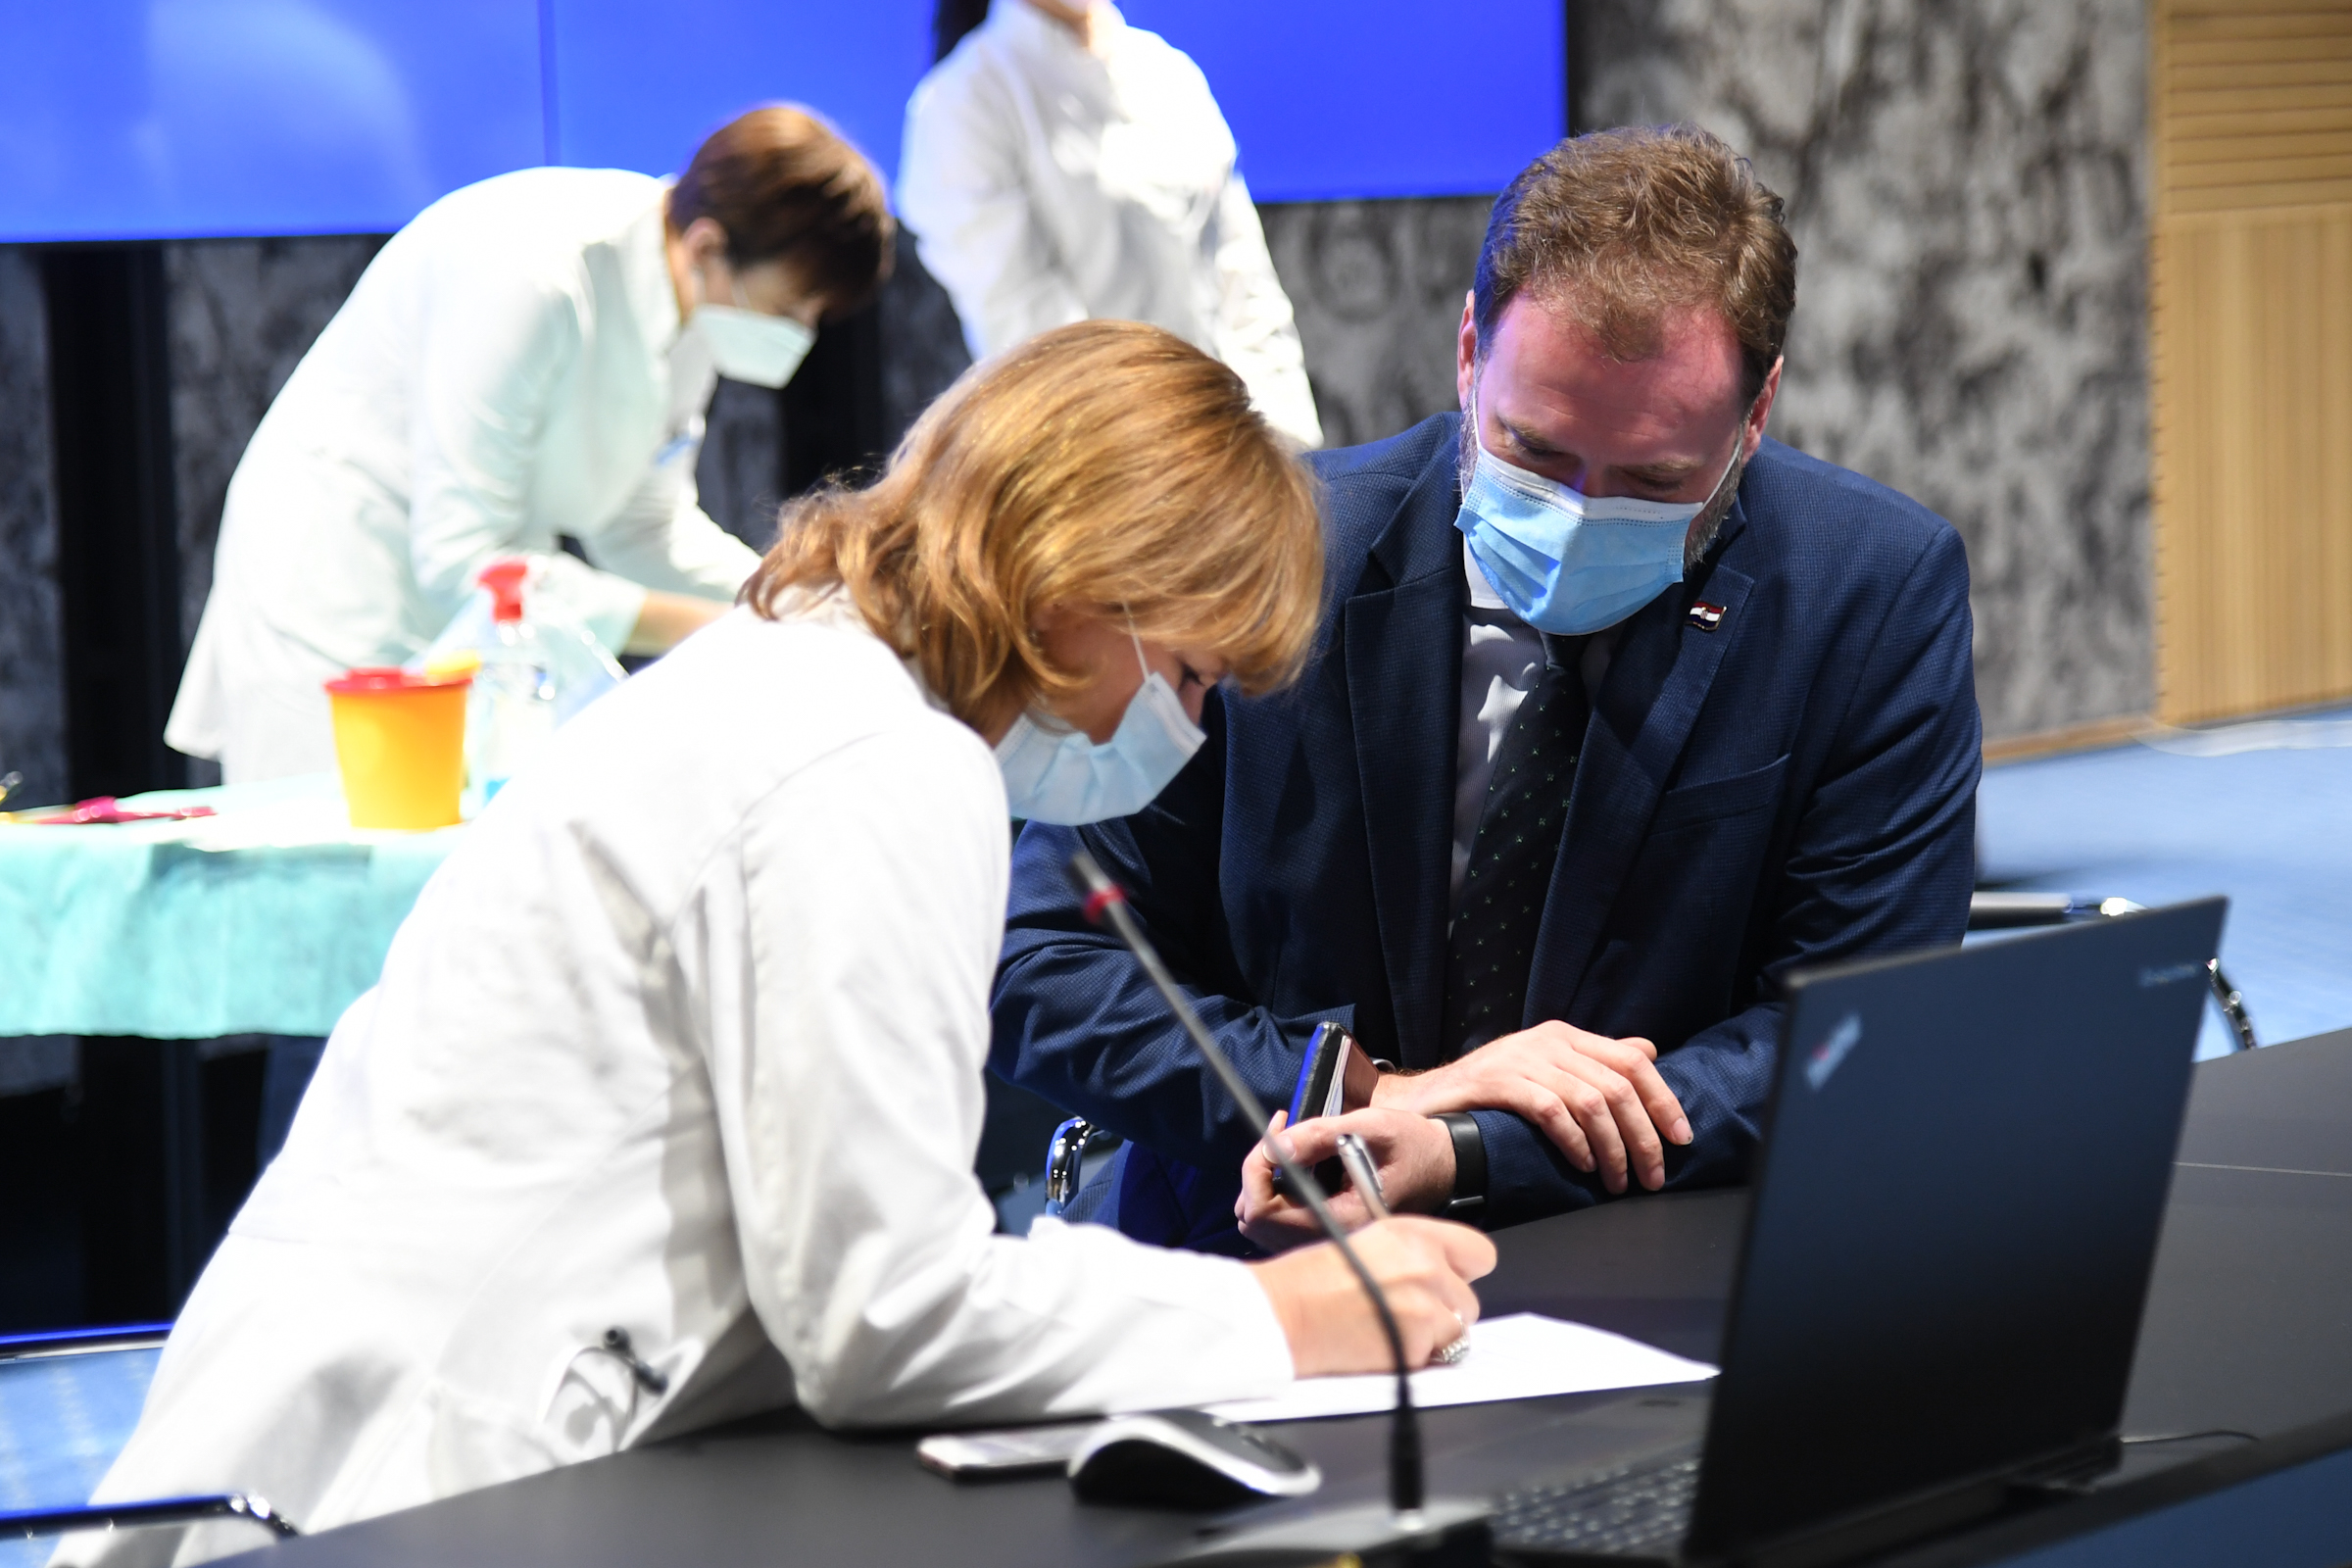 Ministar obrane primio cjepivo protiv koronavirusa